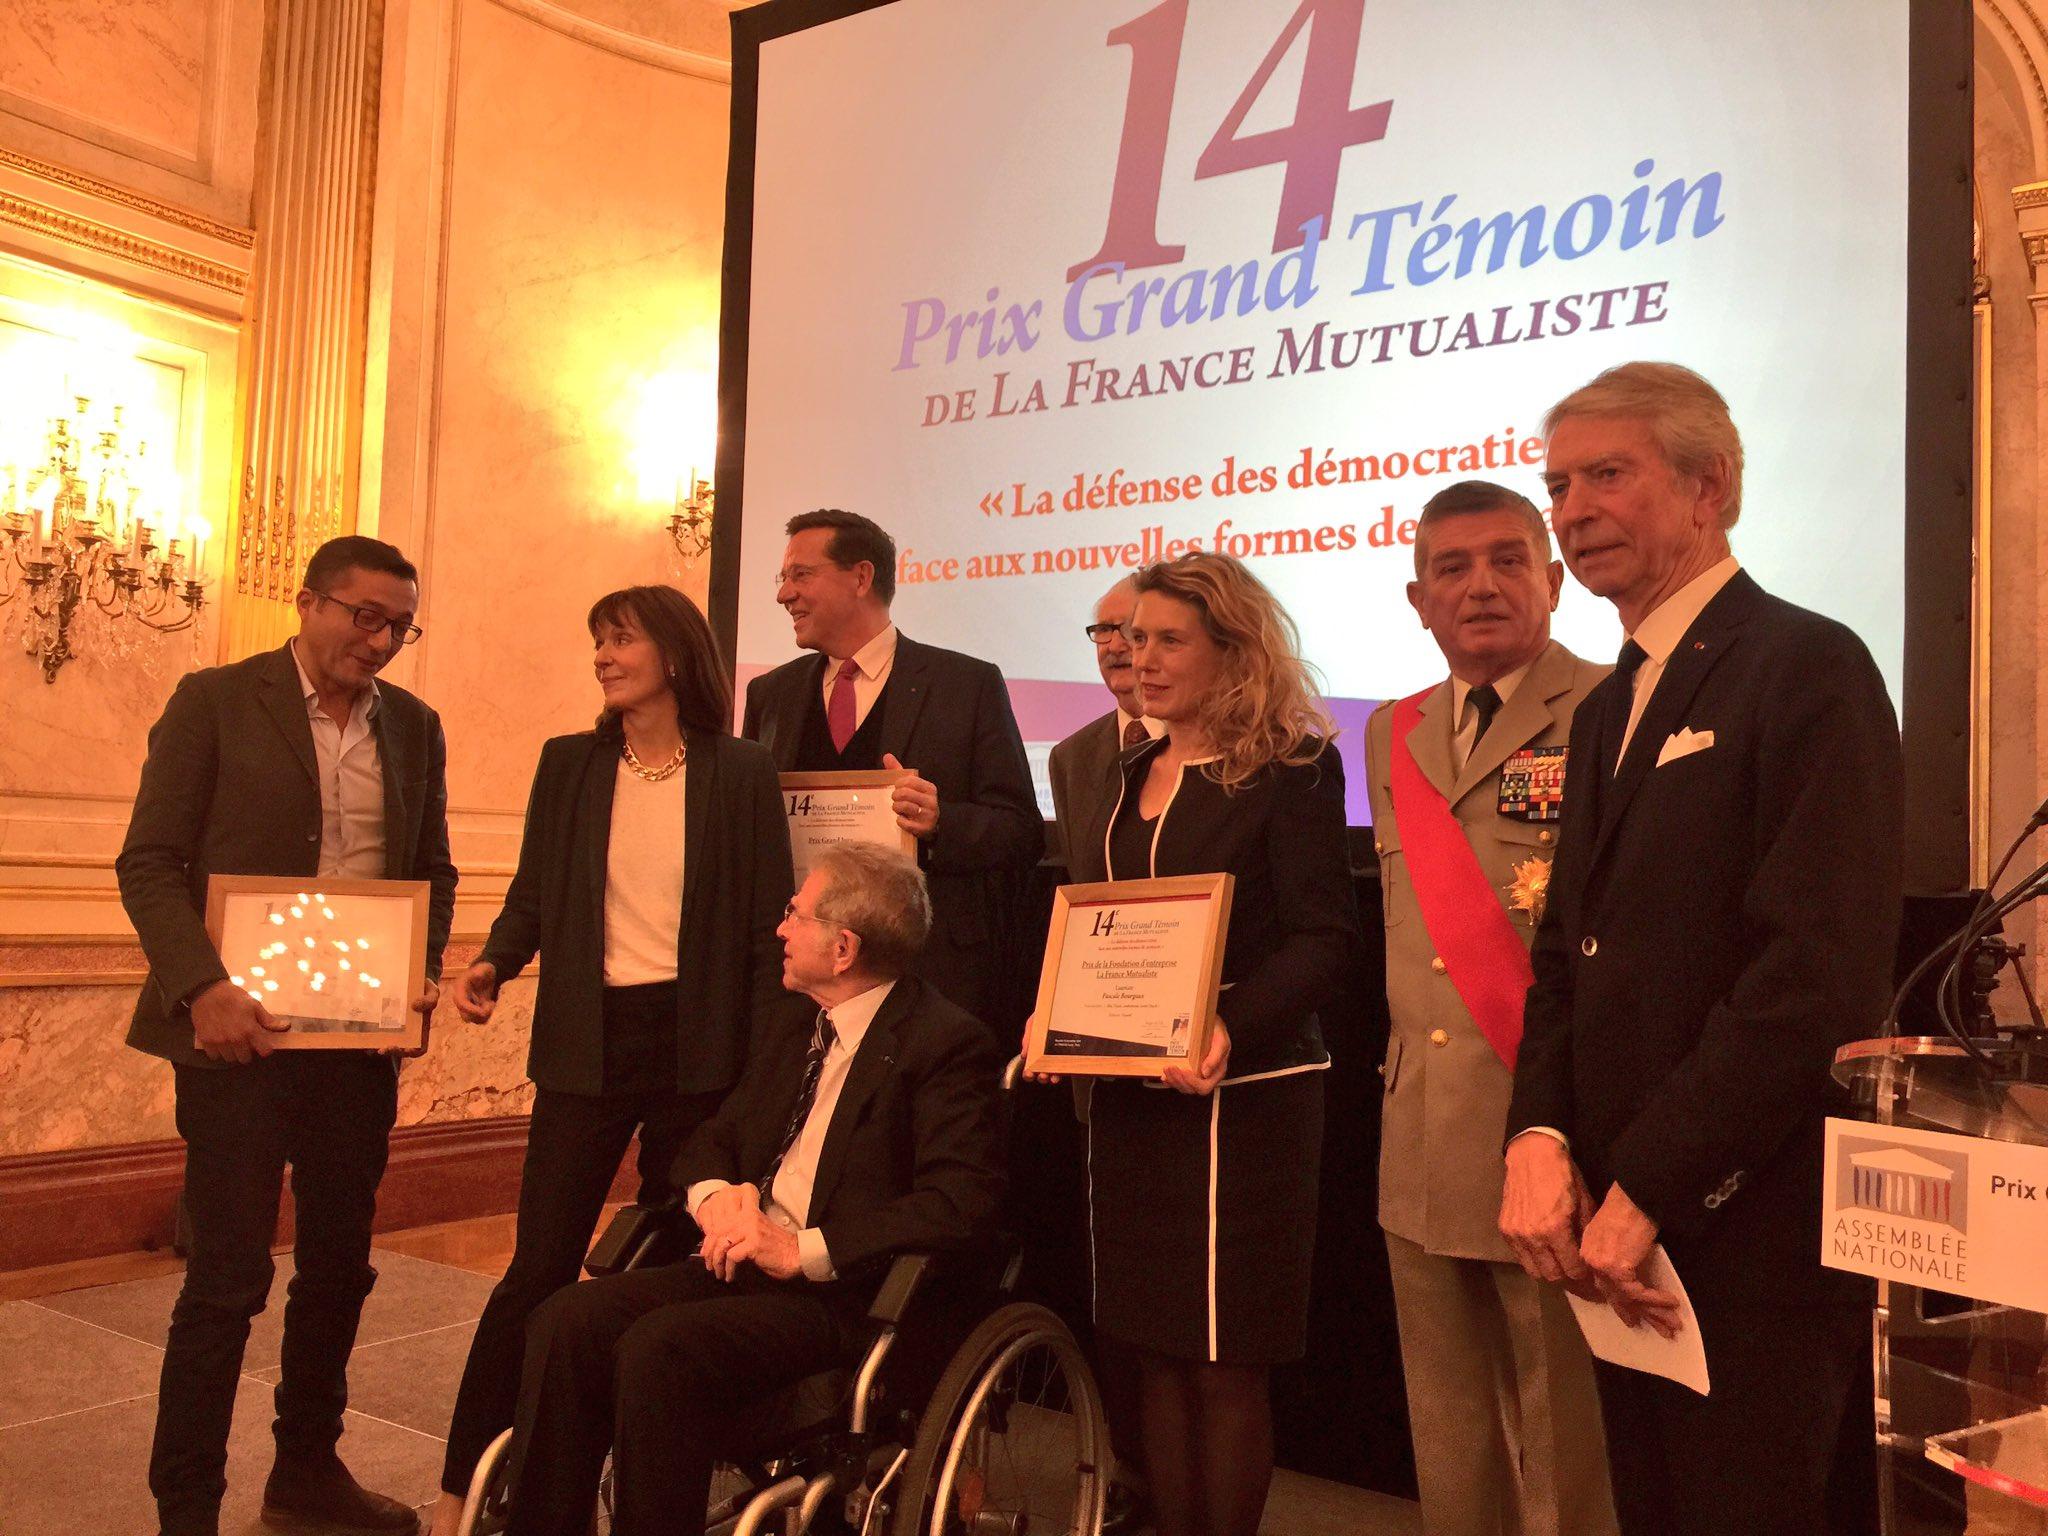 Les lauréats du #prixgrandtemoin de la @francemutualist à l'Assemblée Nationale : les démocraties face aux nouvelles formes de menaces https://t.co/L2dxbtCEKA